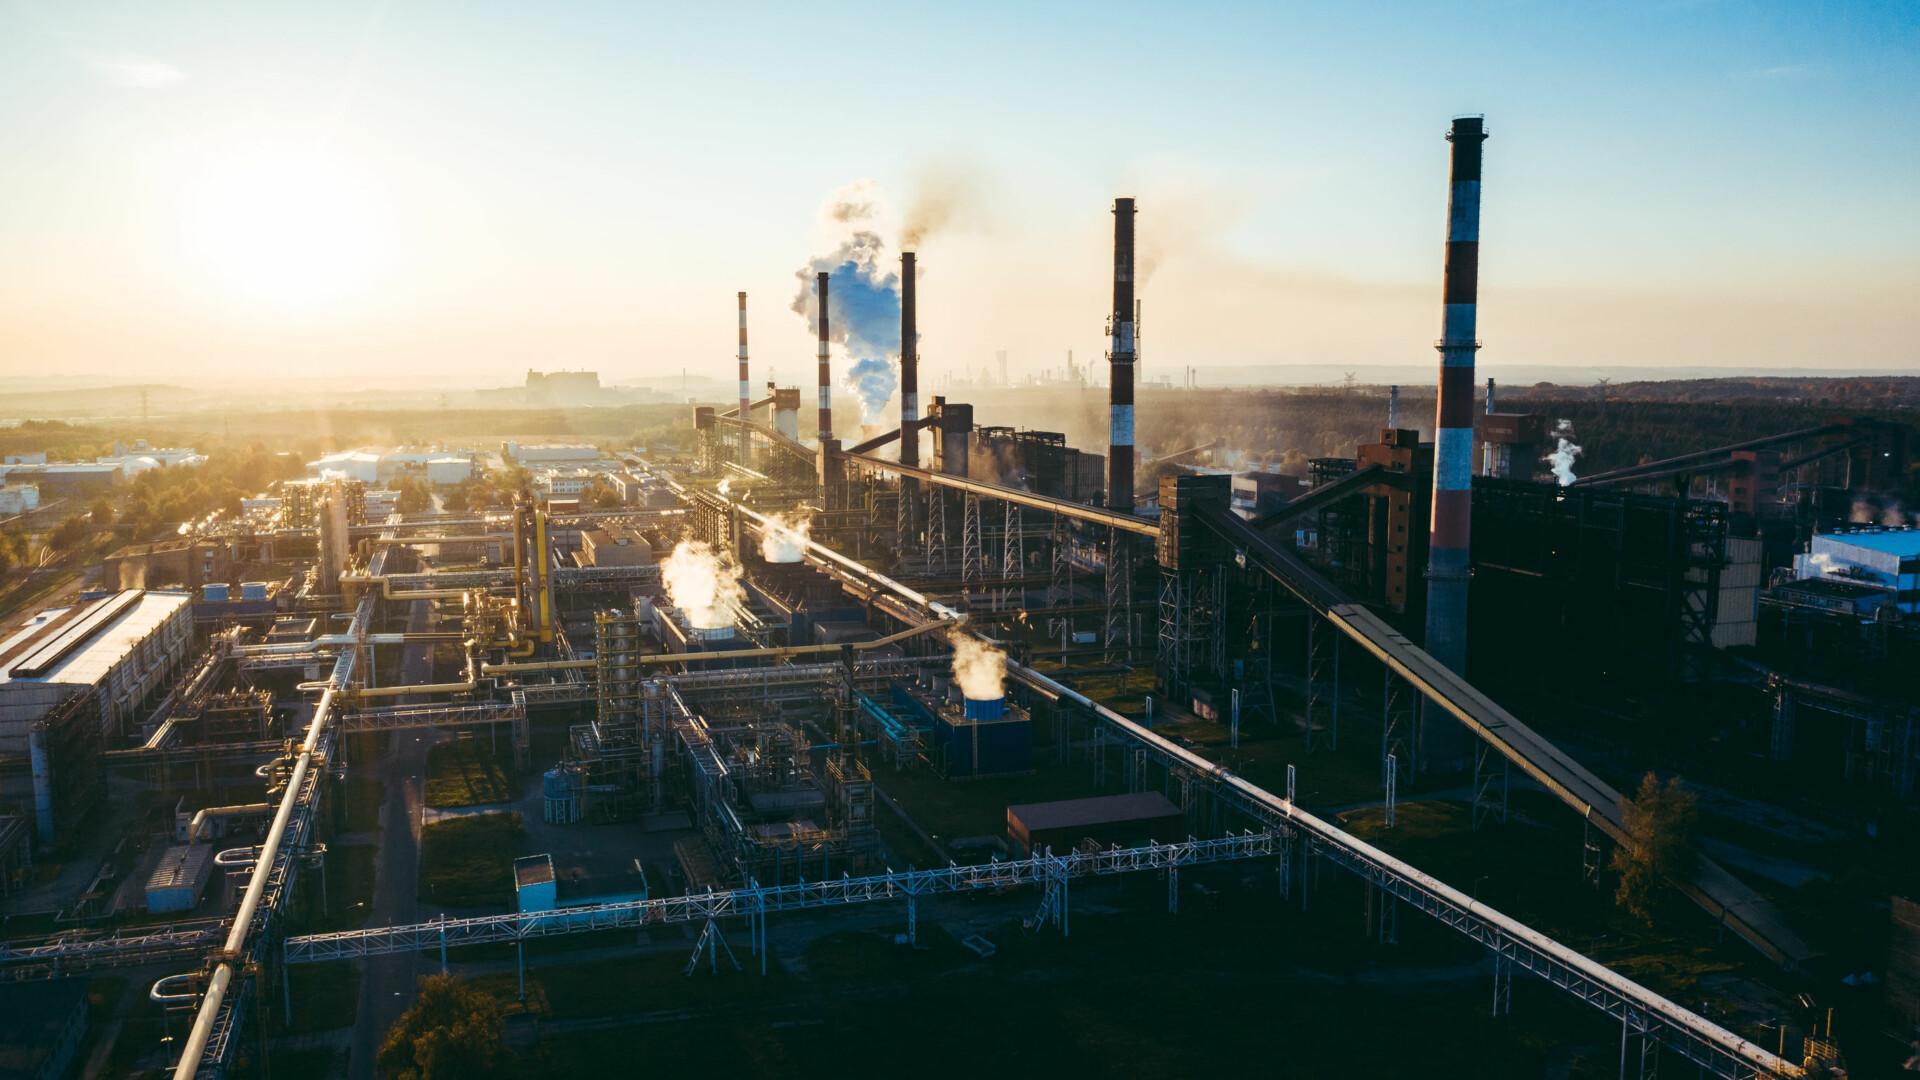 Η G7 βάζει τέλος στις επιδοτήσεις σε συμβατικές μονάδες καύσης άνθρακα